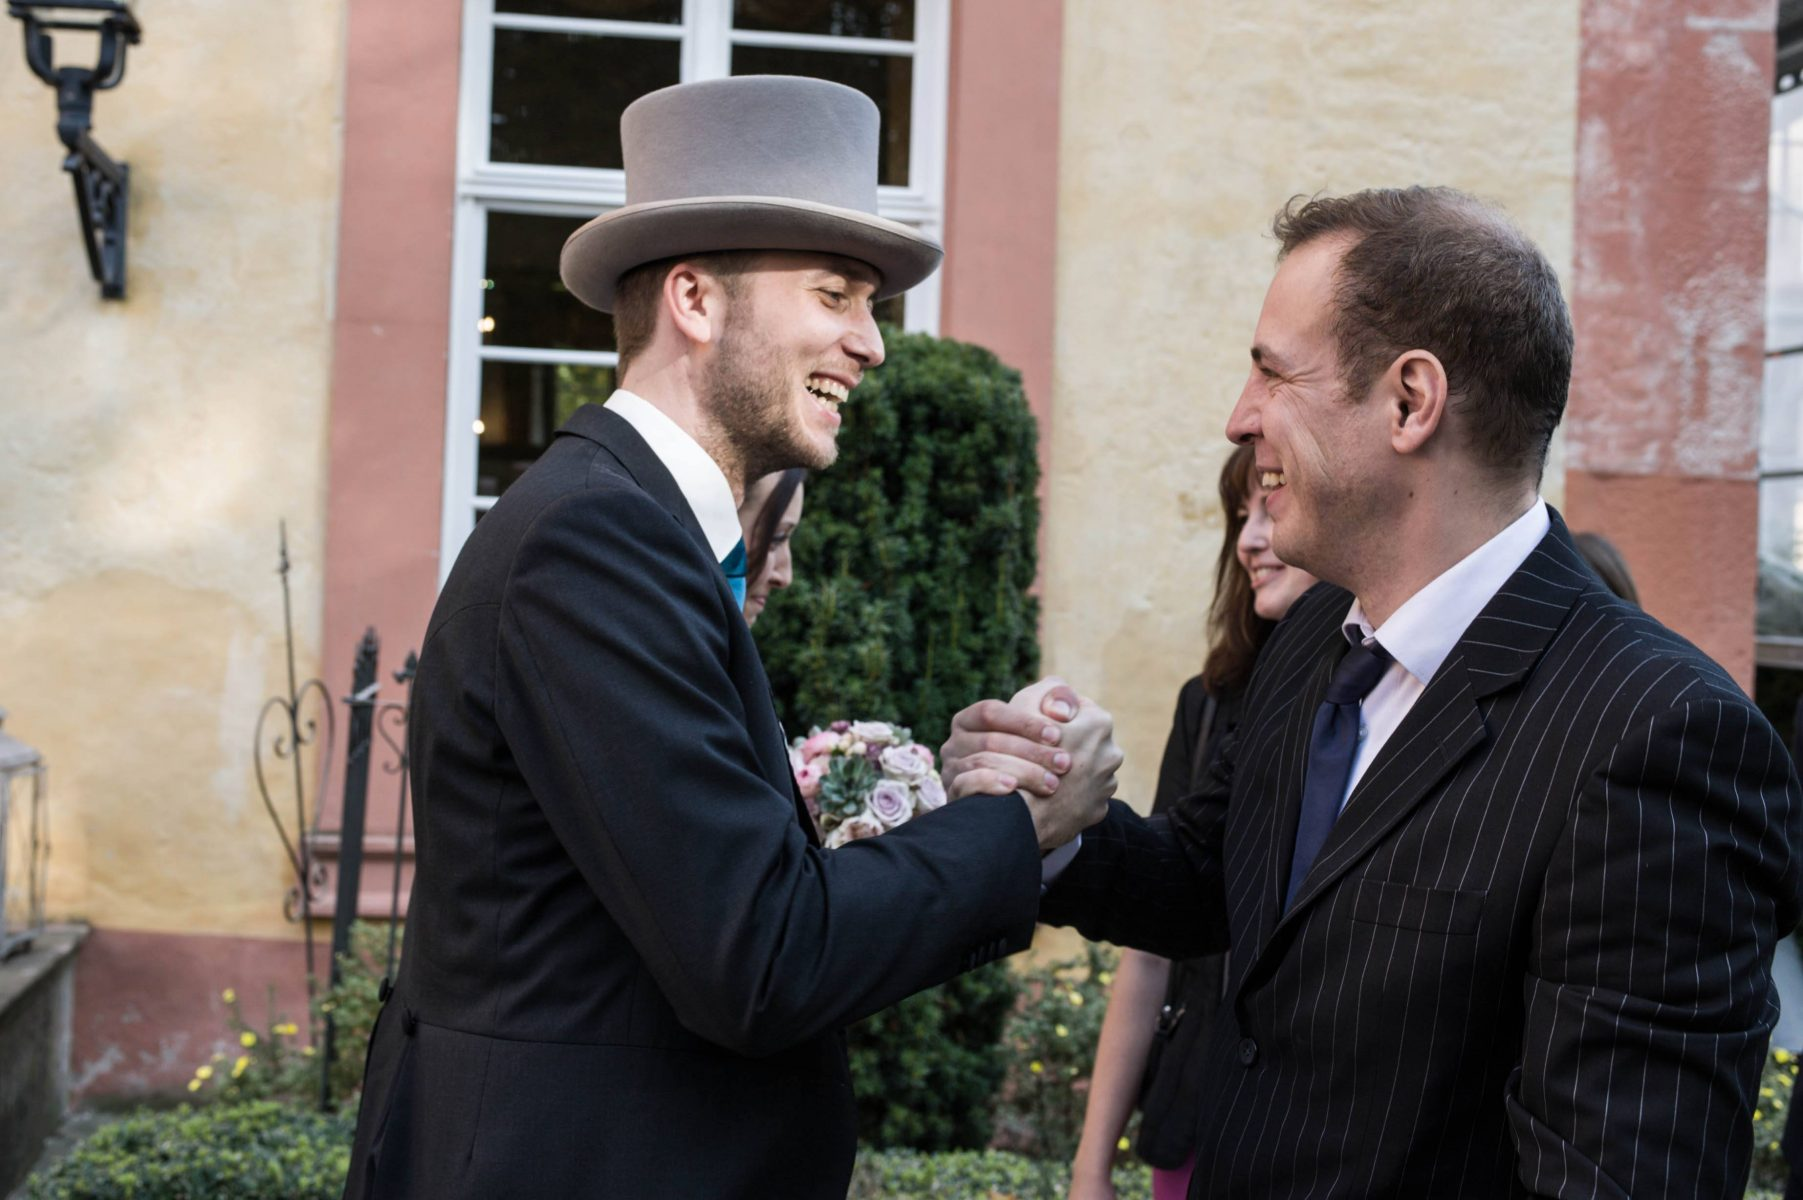 Hochzeit Gratulation B2000 221232 1803x1200 - GRATULATION & EMOTION